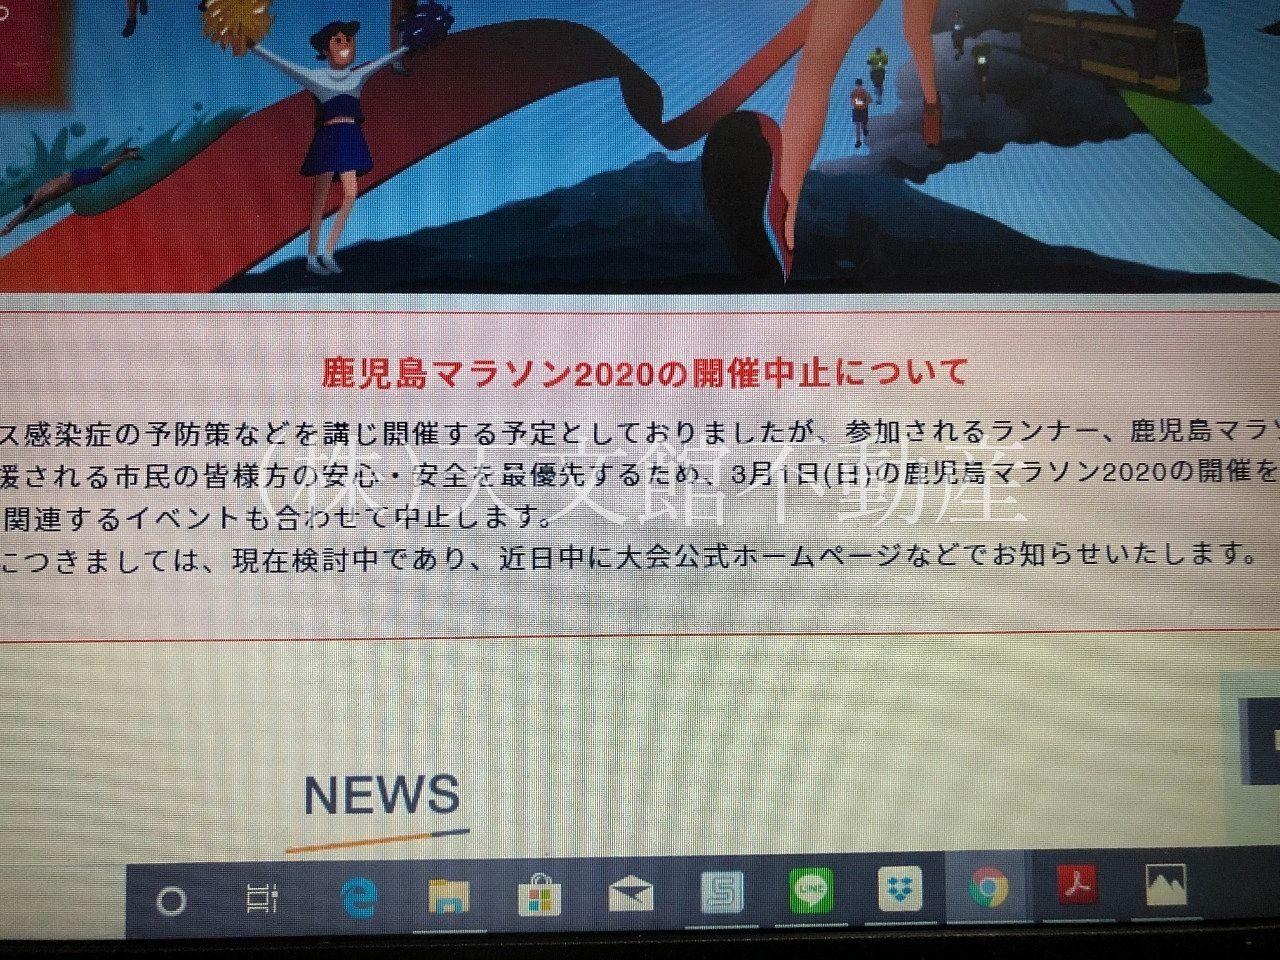 鹿児島マラソン2020の中止をホームページを確認しました。